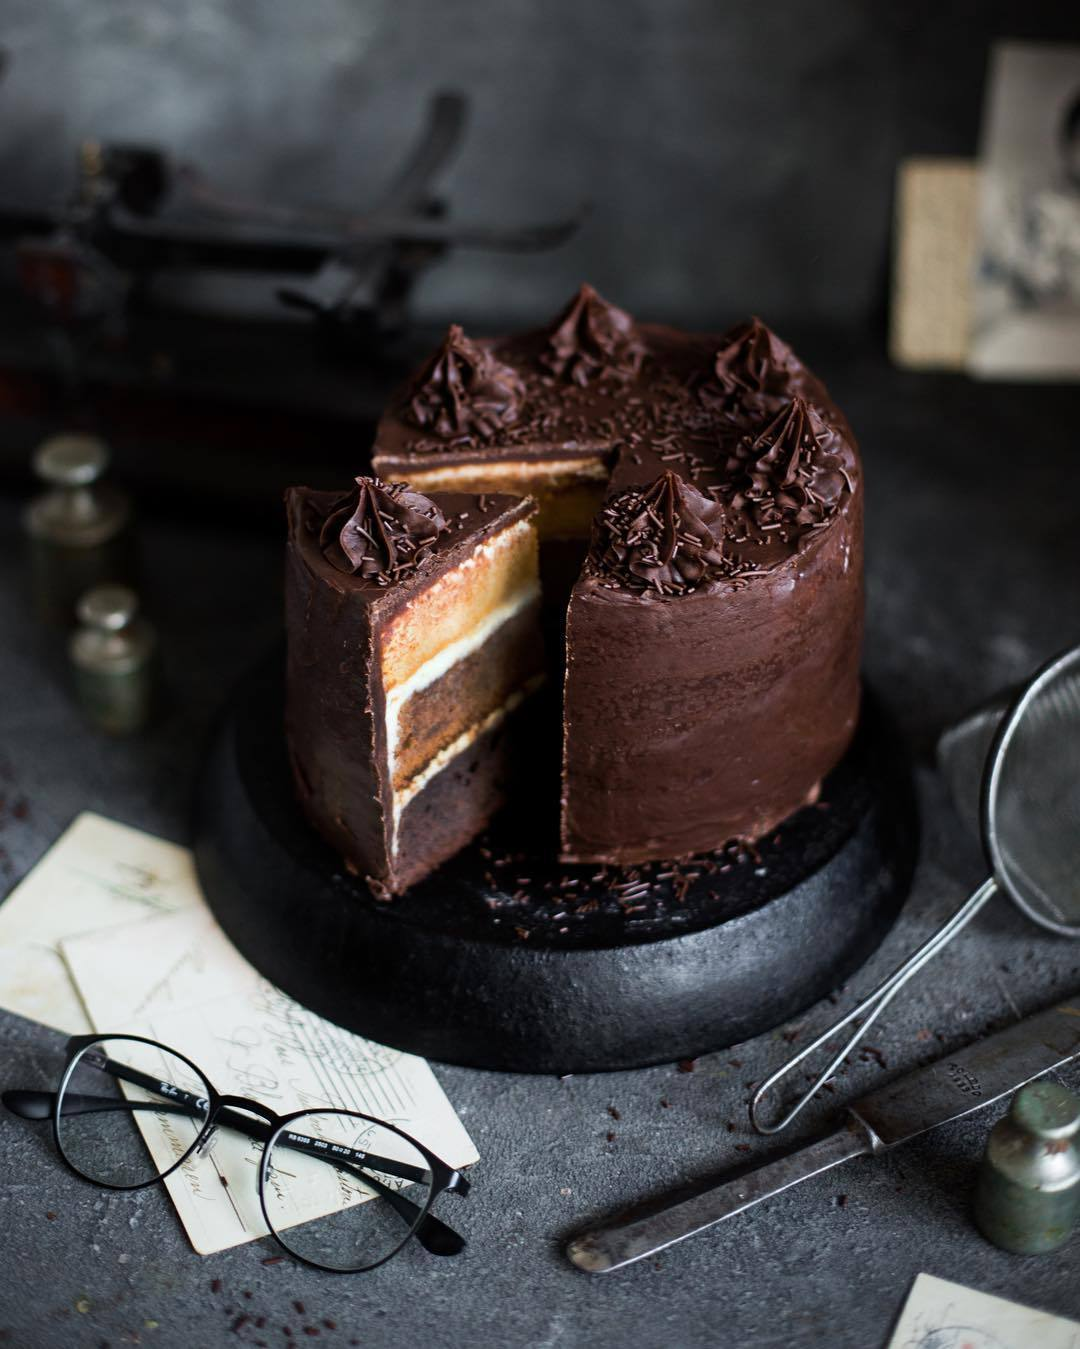 宠物-这位漂亮的美女蛋糕师,让猫咪来为蛋糕代言,将平淡无奇的蛋糕化腐朽为神奇(48)